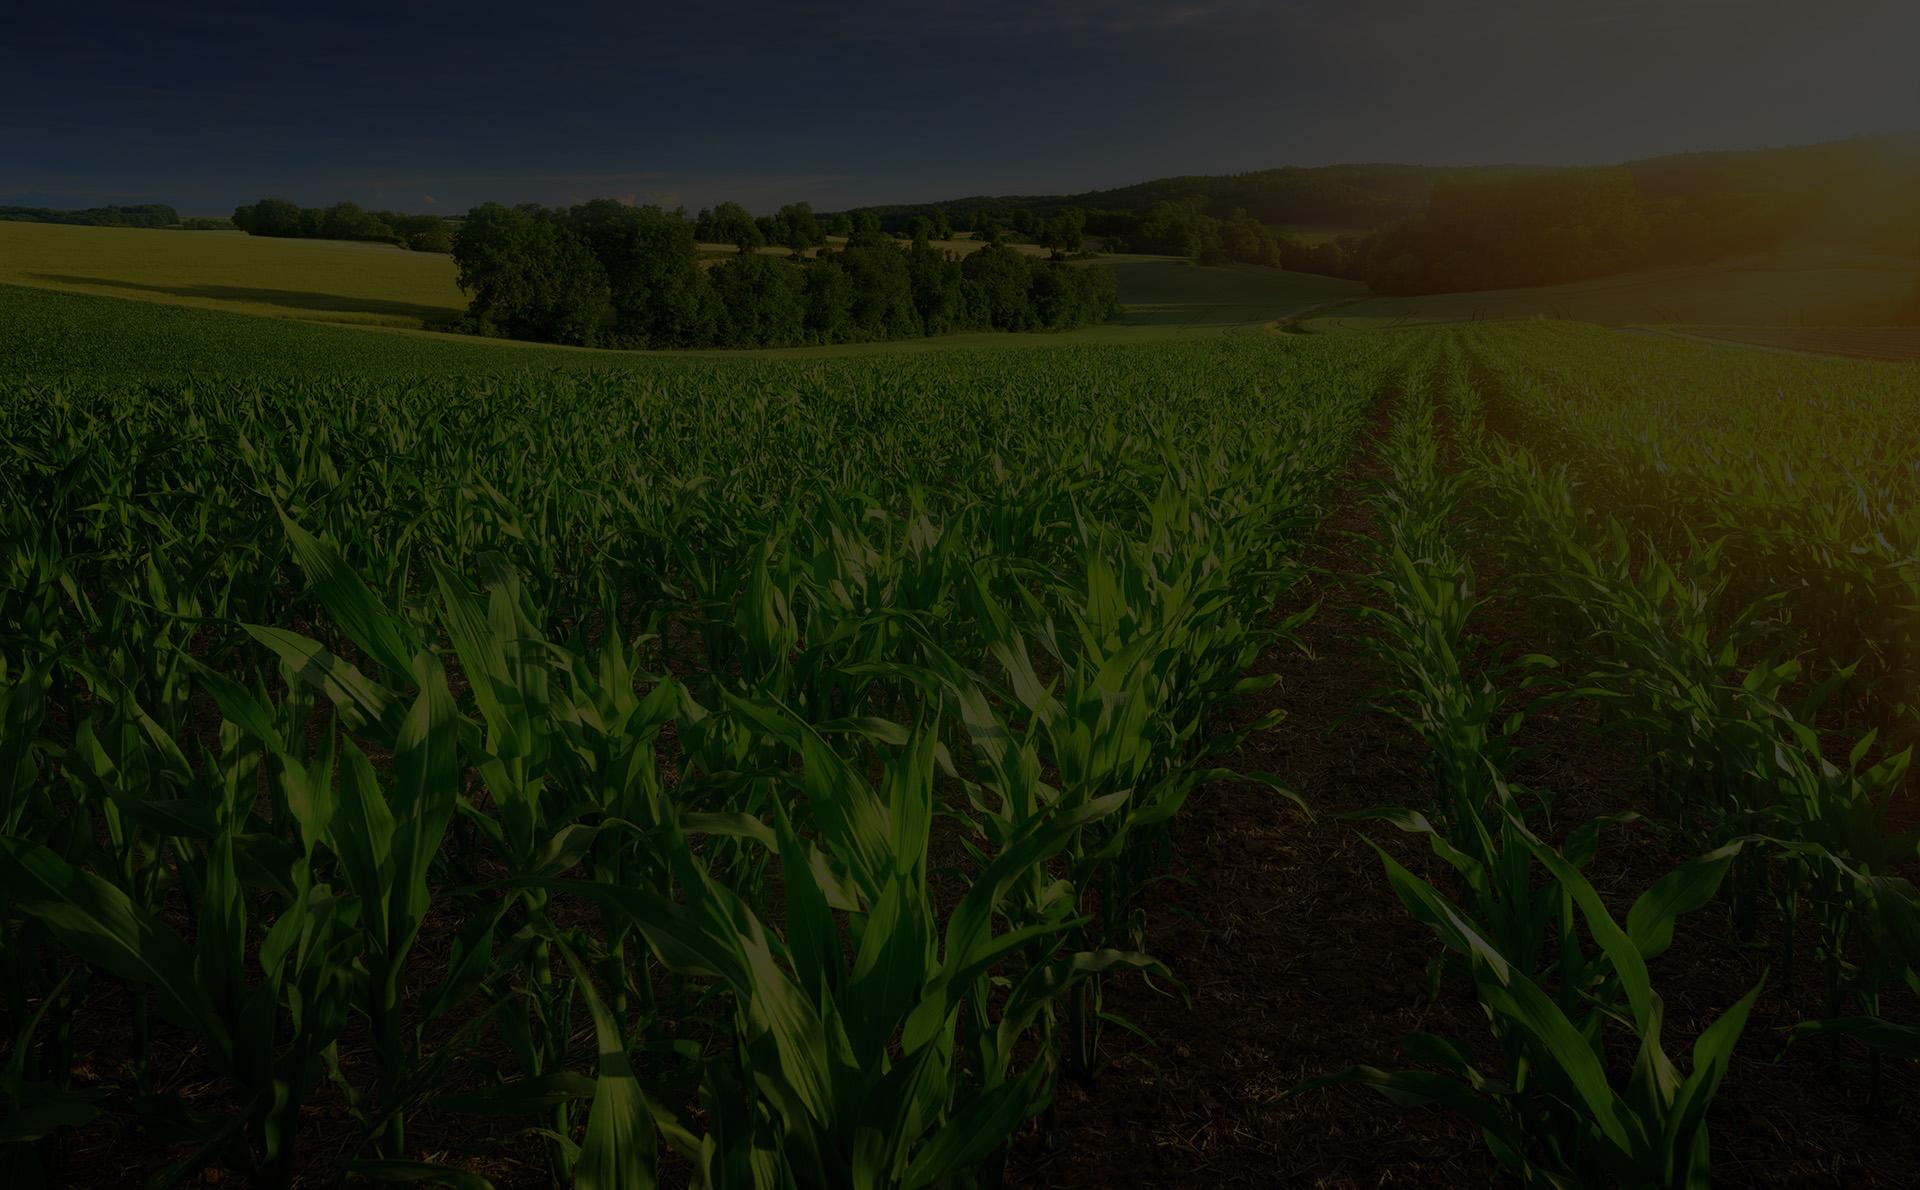 Vers une nouvelle agriculture verte